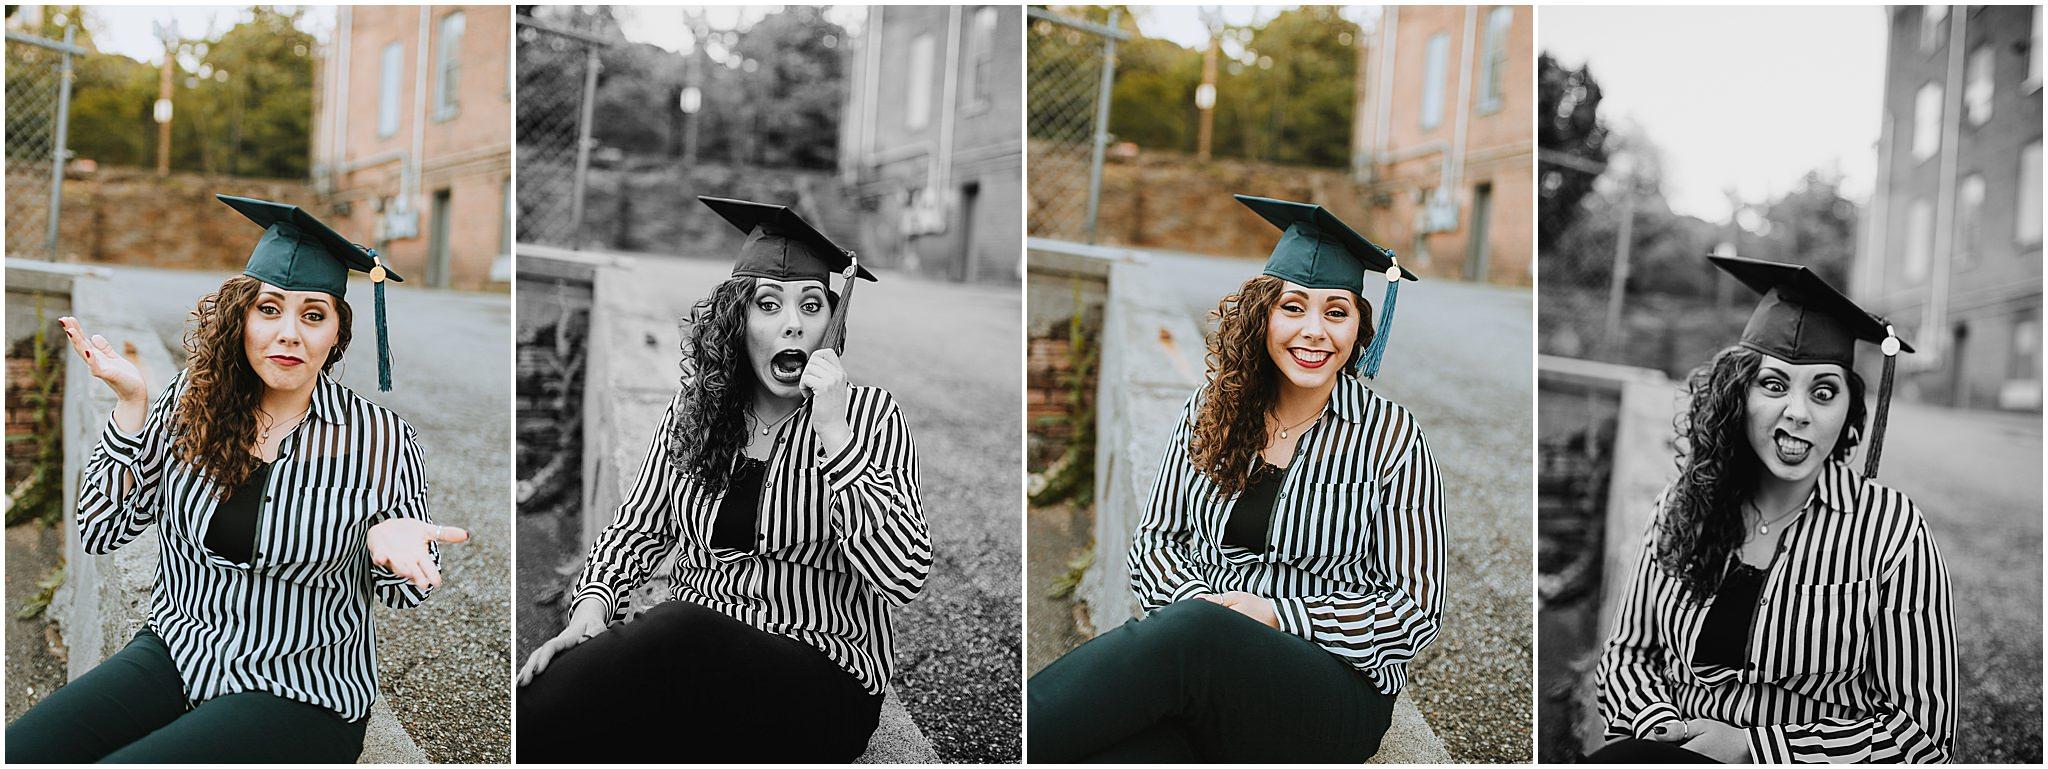 Sara's Senior Portrait Downtown Lynchburg, VA 106